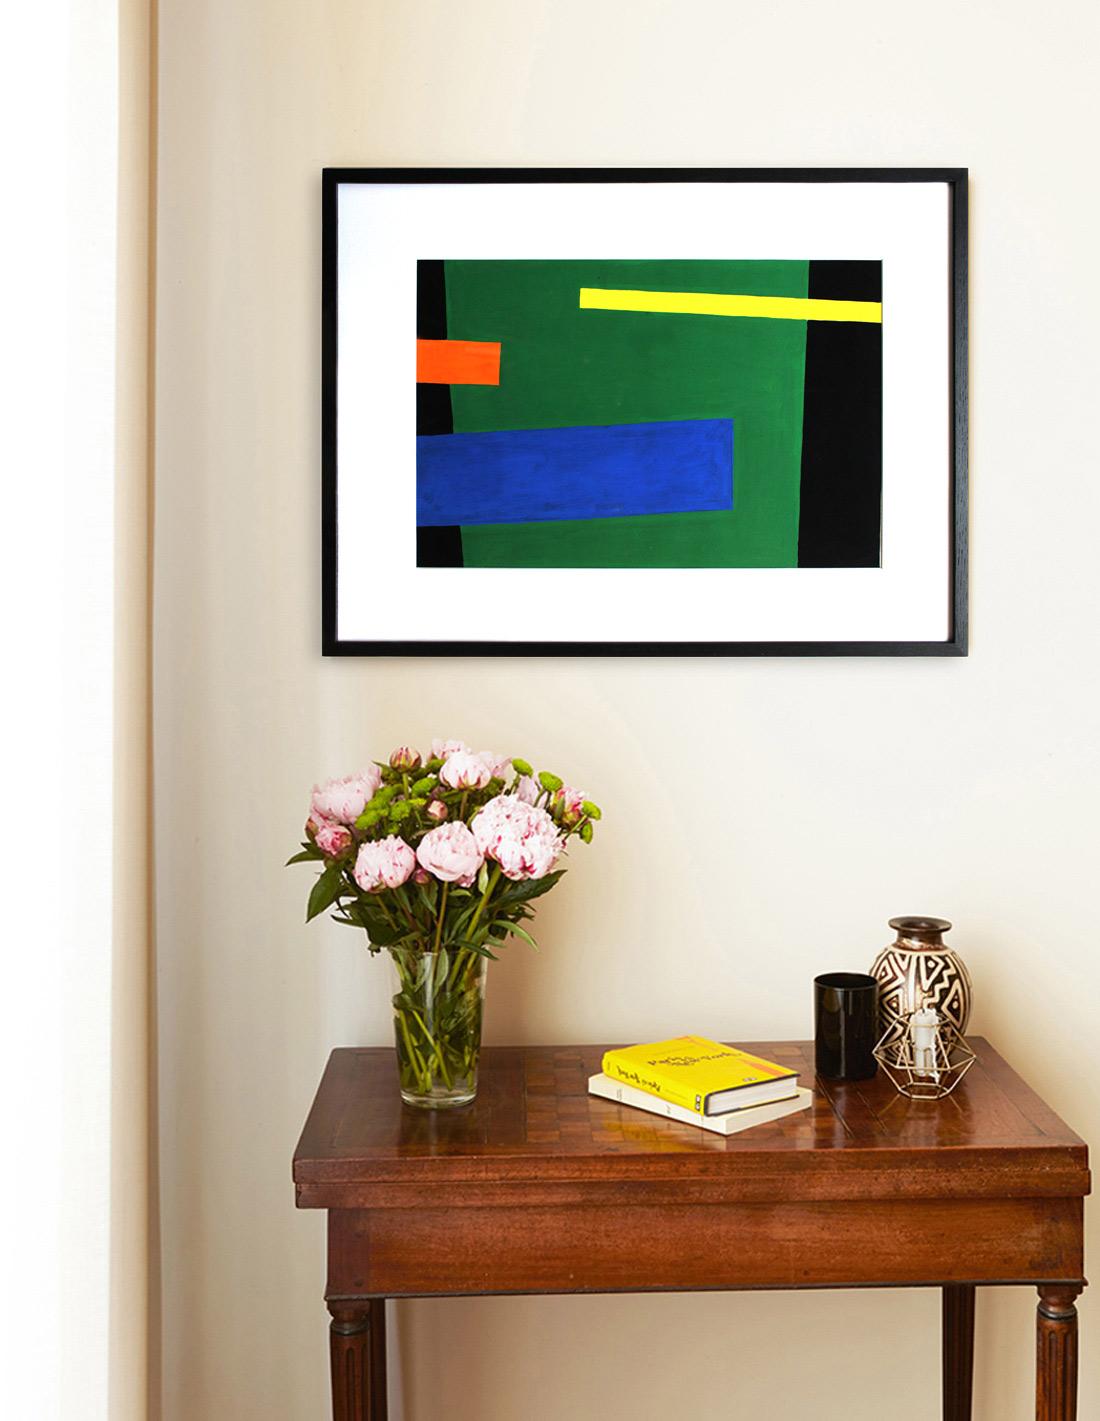 Sans-titre-(Noir,-vert,-orange,-bleu-et-jaune)-insitu